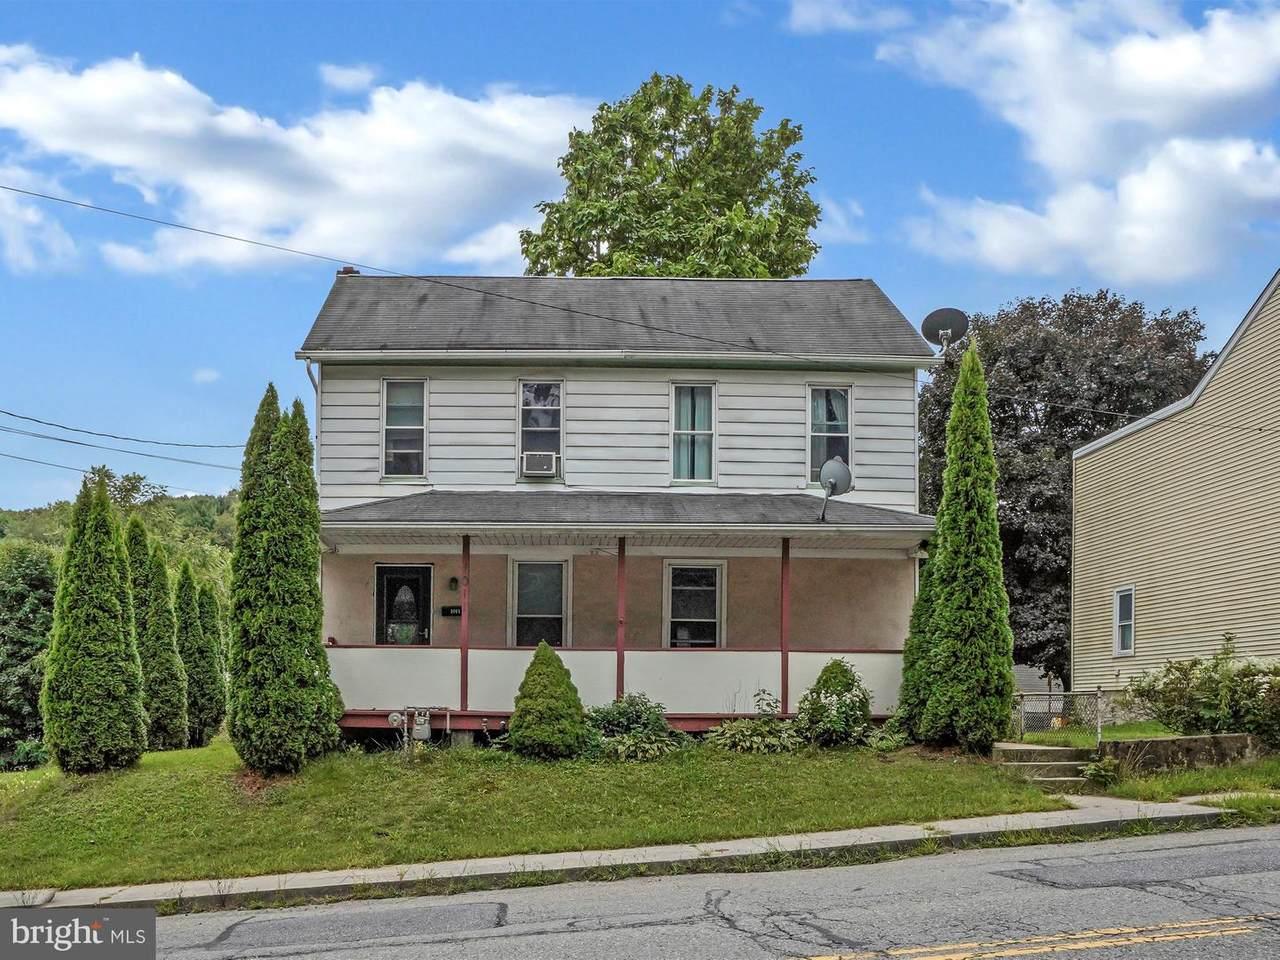 1011 Pottsville Street - Photo 1